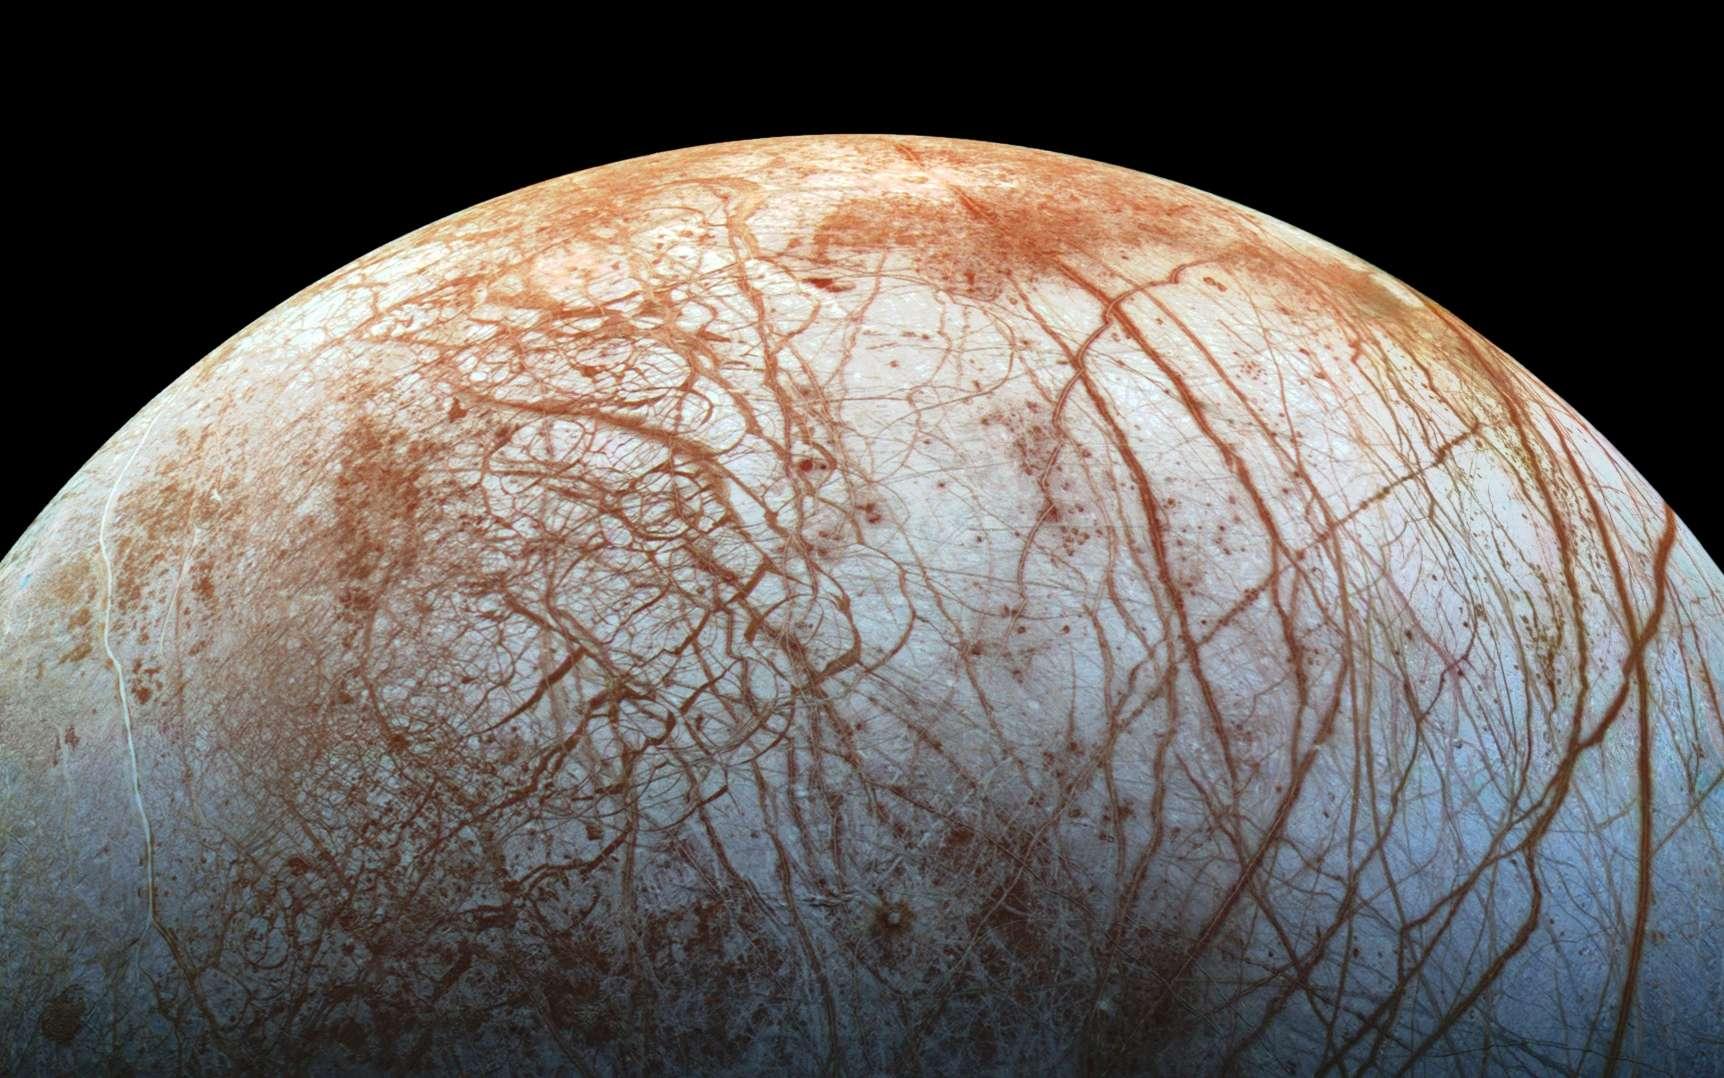 Si des panaches jaillissent de la surface glacée d'Europe, ils pourraient permettre de caractériser son océan — caché sous le croûte glacée et marquée de cicatrice visible ici — qui reste, par ailleurs, difficile à explorer. © Nasa, JPL-Caltech, Seti Institute